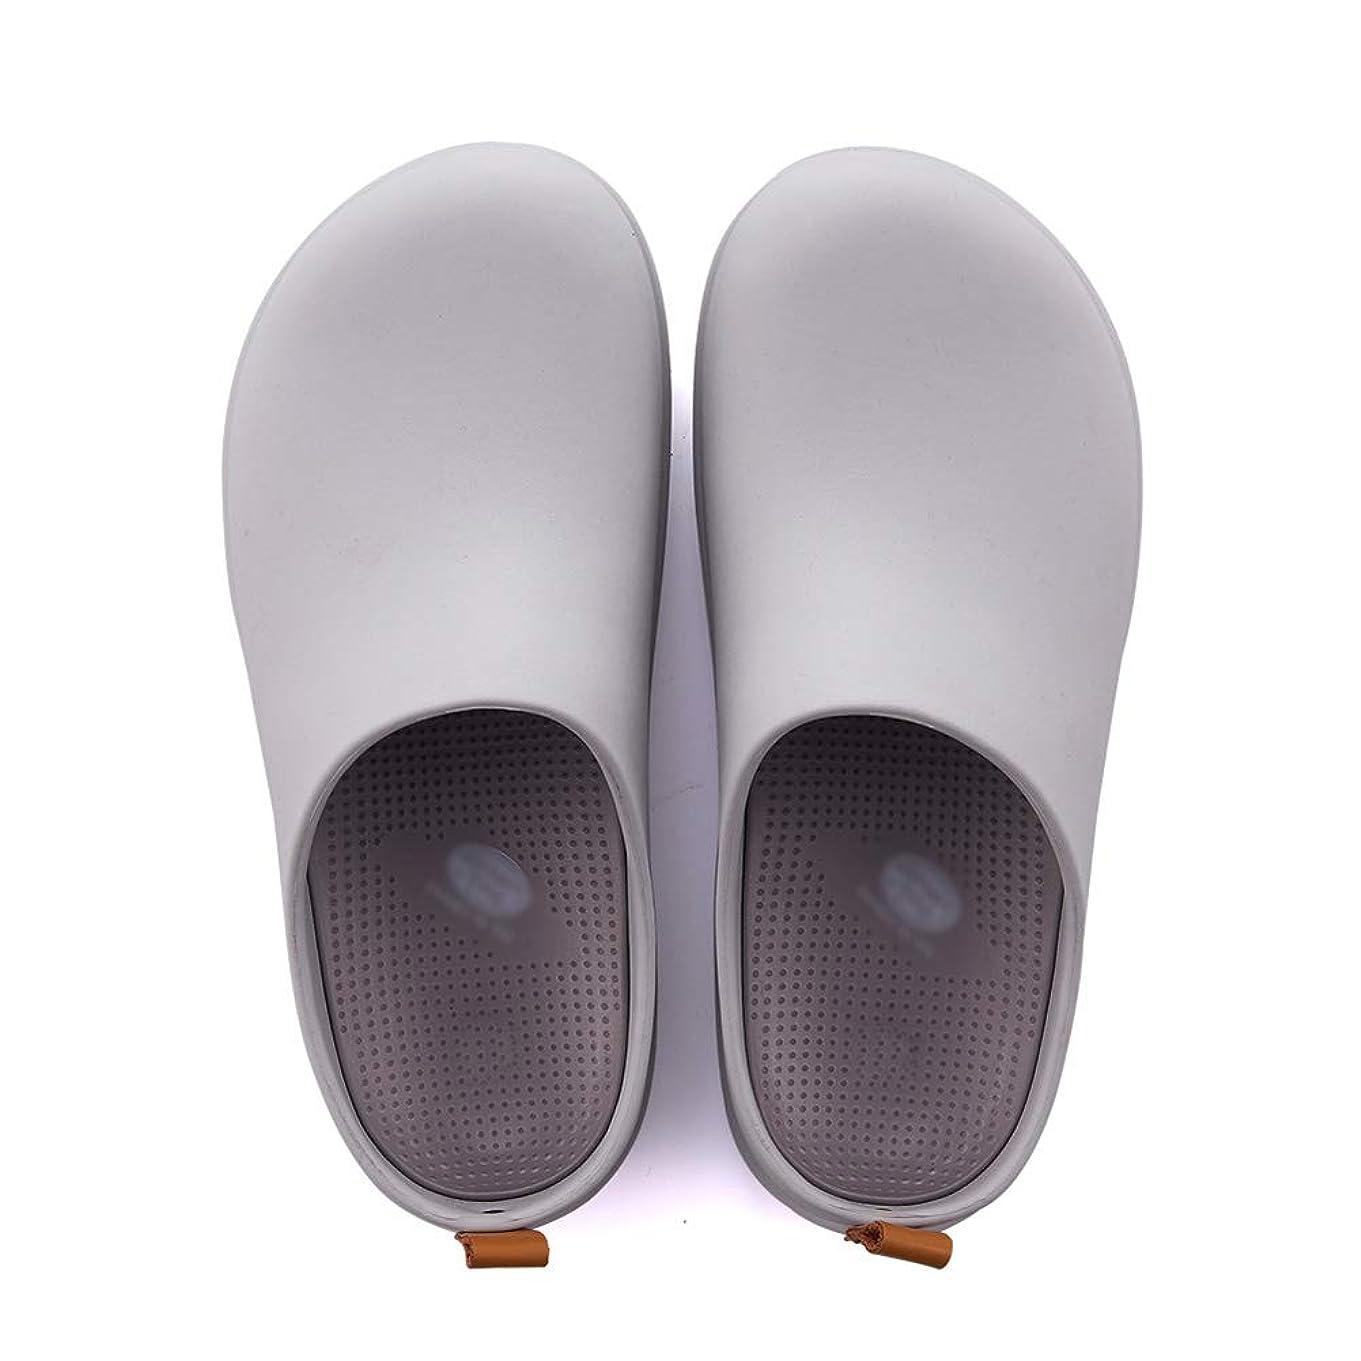 触手何でもワットコットンスリッパ ルームシュー 綿スリッパ 室内スリッパ Baotouサンダル医療看護婦女性の夏新しい庭の穴の靴EVA TINGTING (色 : Gray, サイズ さいず : 39-40)